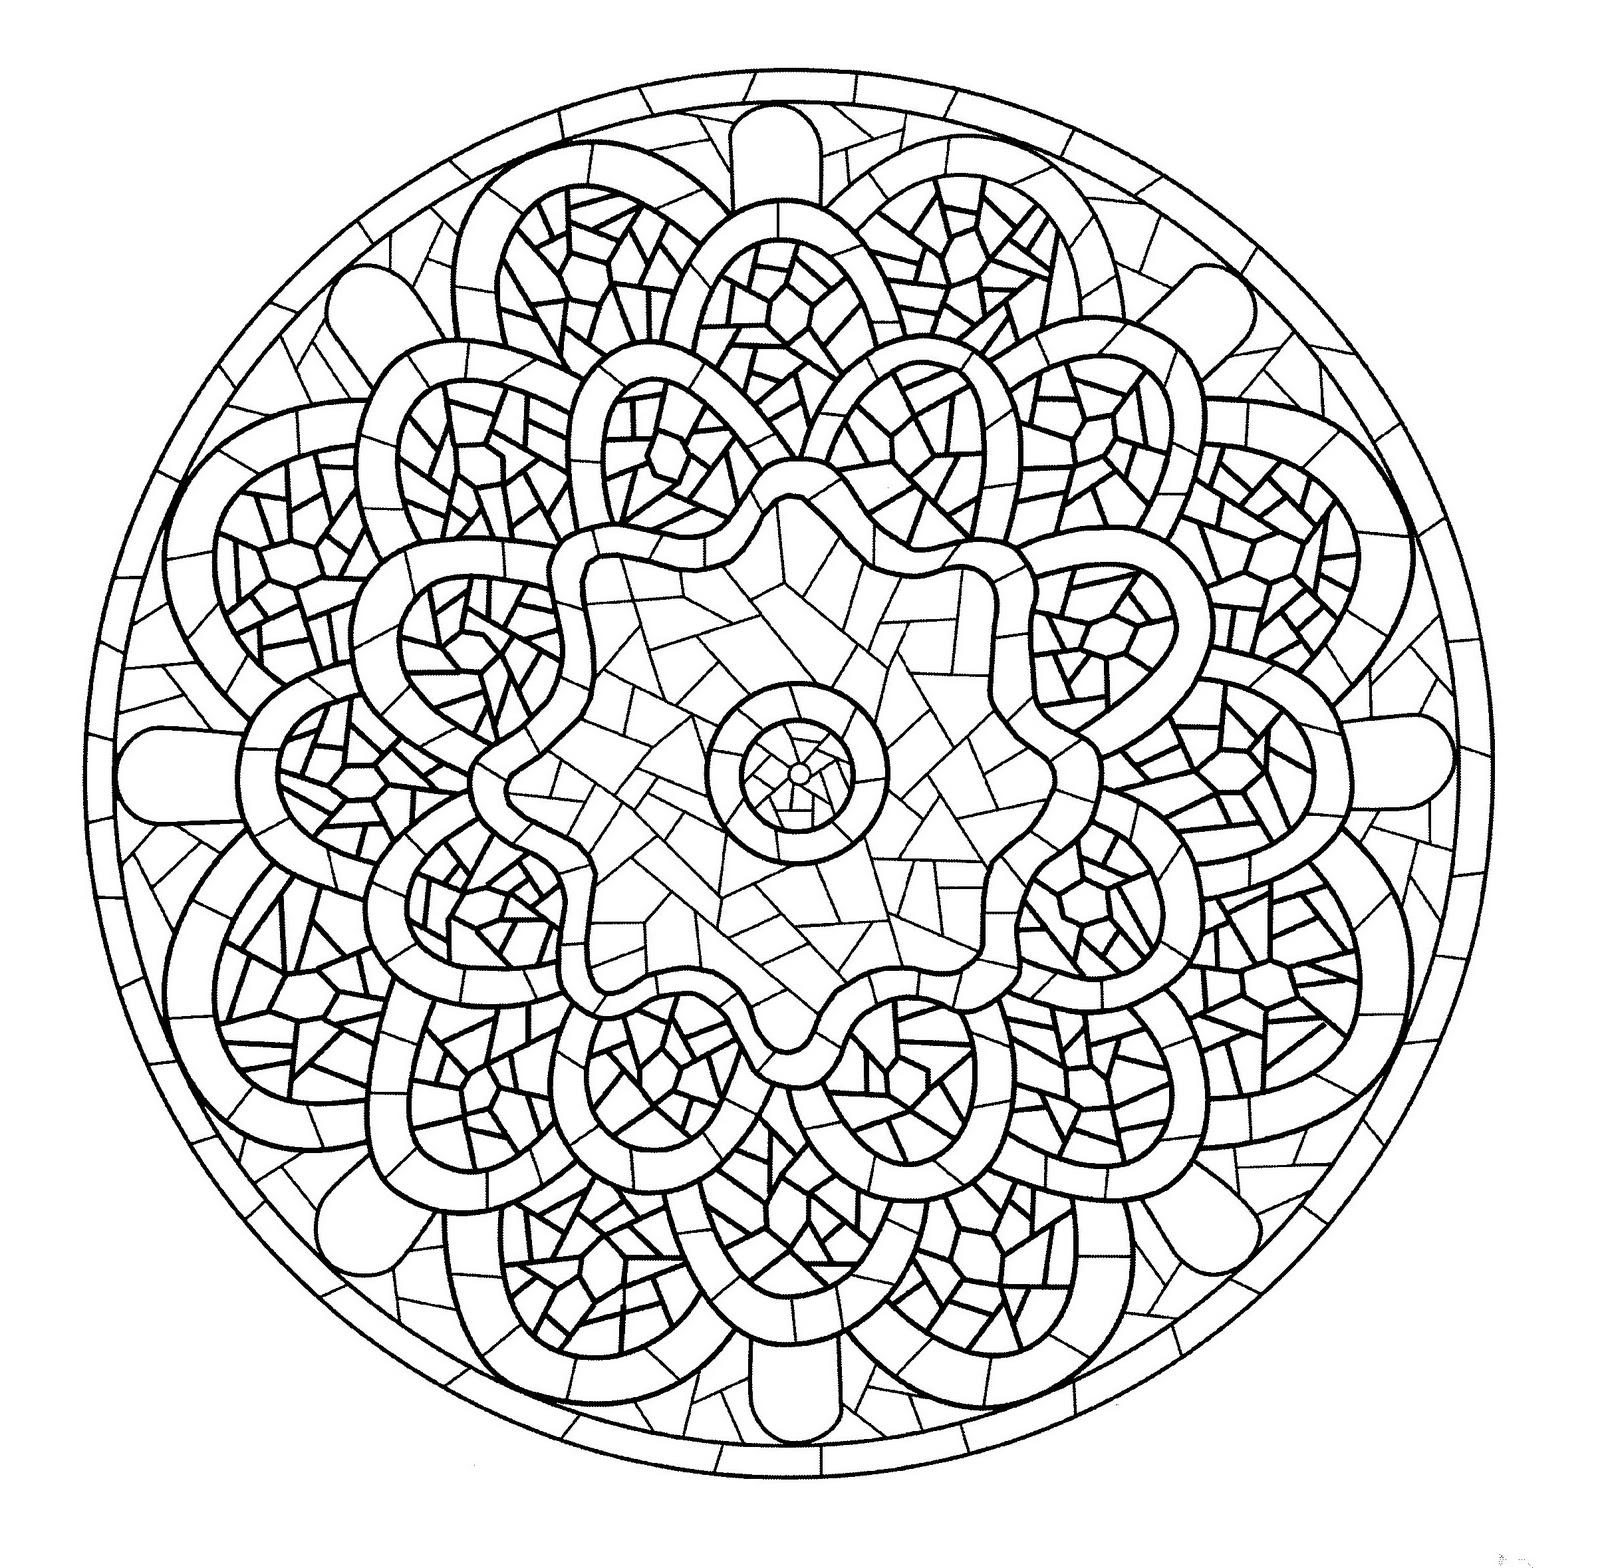 Adresses de Site Web de Mandalas imprimables  colorier gratuits